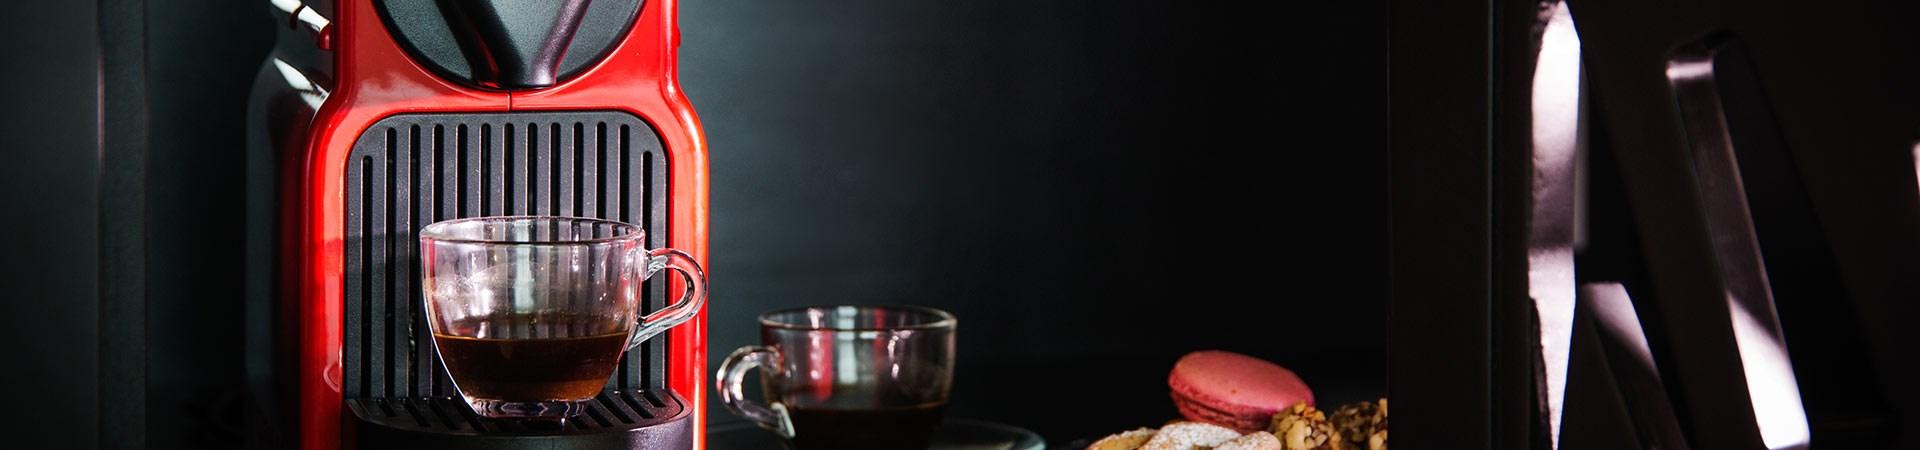 פרימה מילניום - מכונת קפה